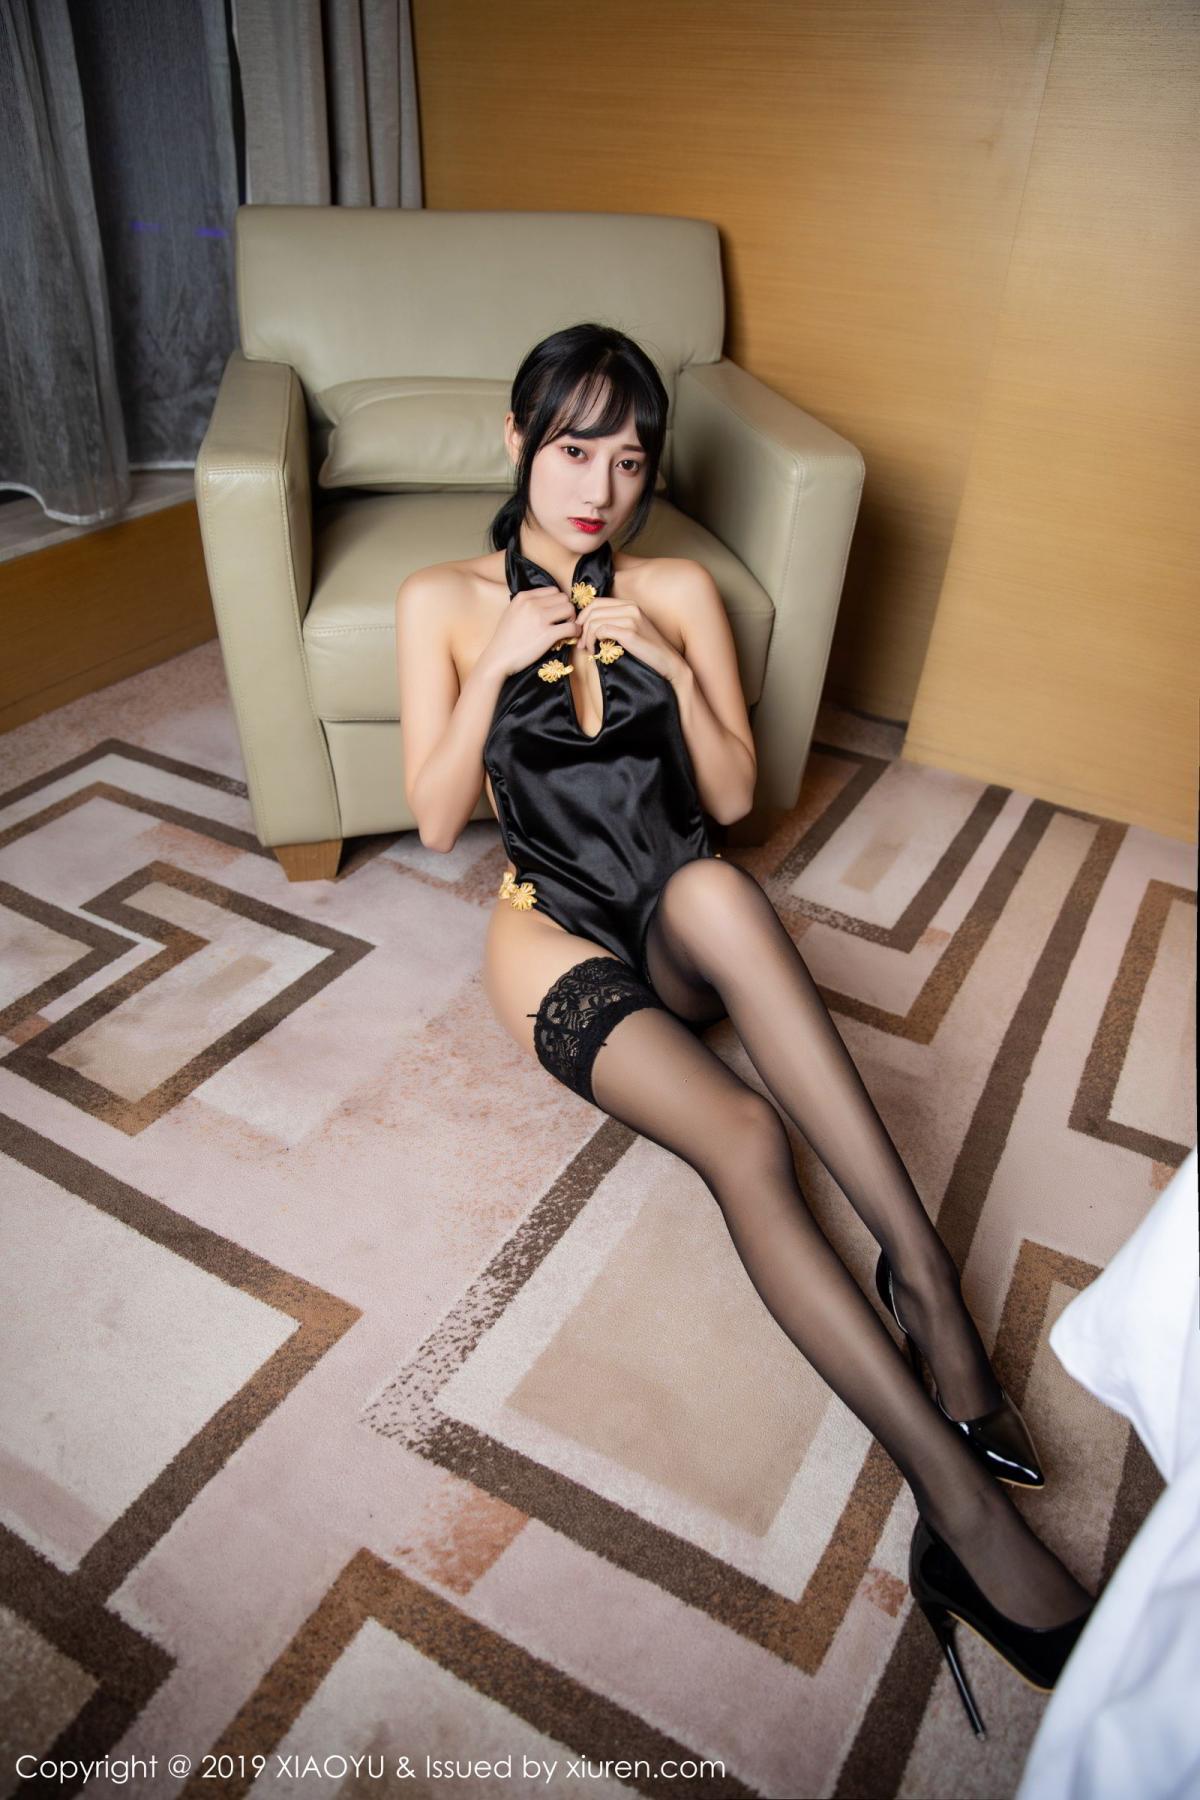 [XiaoYu] Vol.170 He Jia Ying 20P, He Jia Ying, Tall, XiaoYu